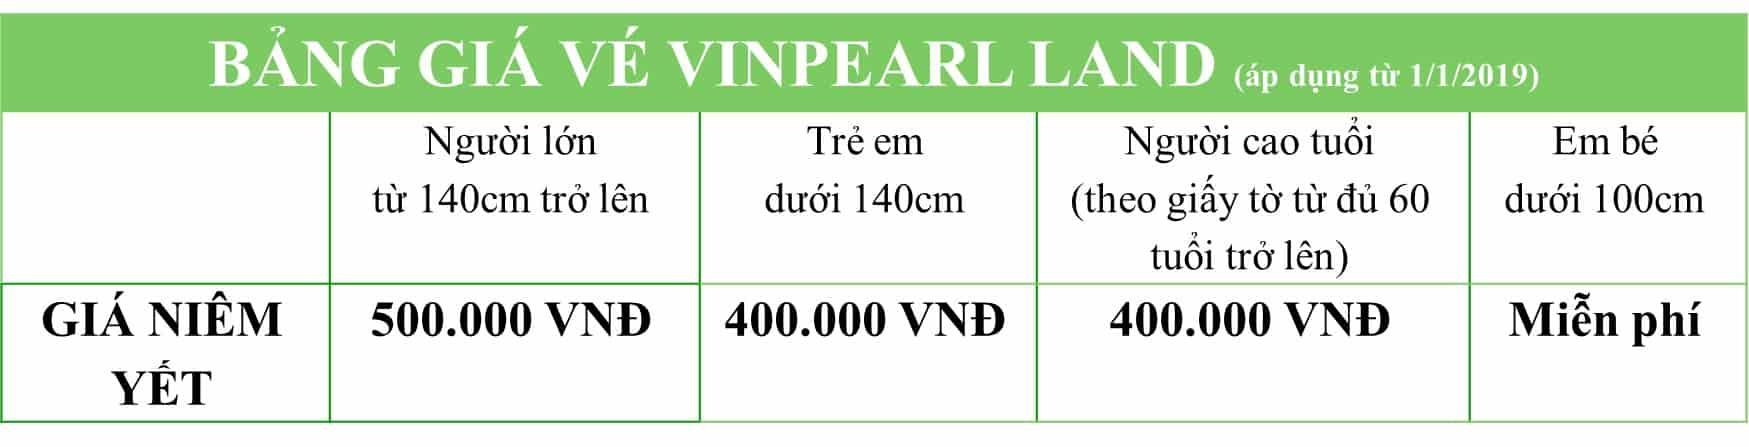 Bảng giá vé vinpearl land phú quốc